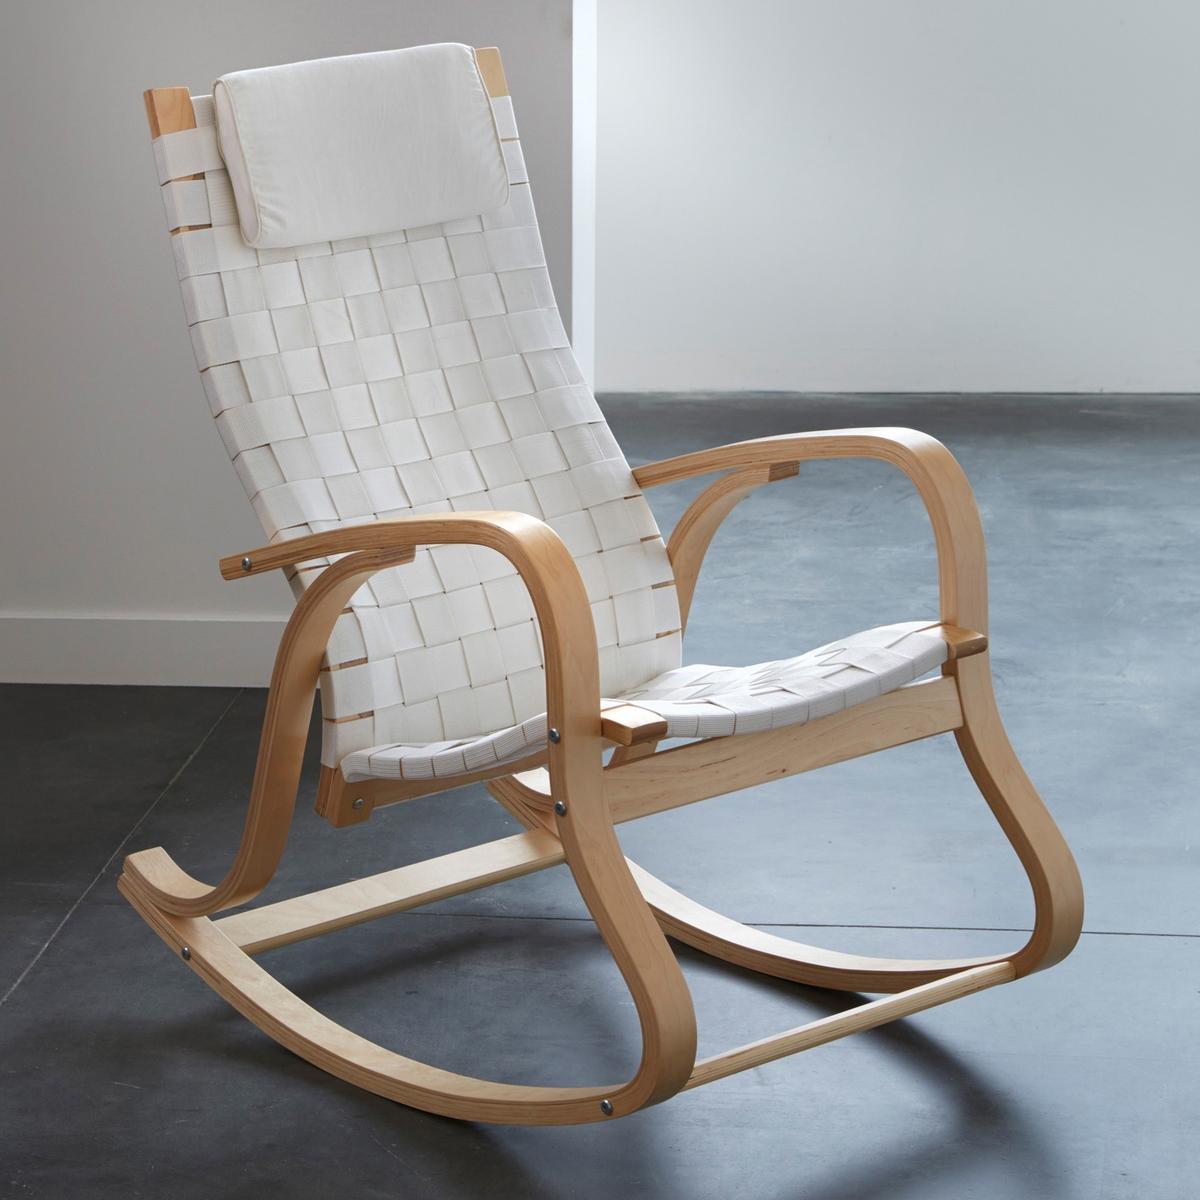 Кресло-качалка дизайнерское JimiКресло-качалка Jimi в современном стиле. Кресло-качалка Jimi сочетает дизайнерский подход и удобство, его пропорции идеально подходят для расслабления. Кресло займет достойное место в любом интерьере.Описание кресла-качалки Jimi :2 варианта расцветки : классический бежевый и модный черный.Характеристики кресла-качалки Jimi :Многослойная фанера из березы, отделка нитроцеллюлозным лаком.Покрытие сиденья и спинки из плетеных полиамидных волокон.Подушка подголовника из пенополиуретана со съемной тканевой обивкой из 100% хлопка.Другие стулья и дизайнерские кресла, а также всю коллекцию Jimi вы можете найти на сайте laredoute.ruРазмеры кресла-качалки Jimi :Общие :Ширина : 61 смВысота : 106 смГлубина : 96 см.Сиденье :В.48 см.Размеры и вес упаковки :1 упаковка93 x 64 x 20 см11,32 кг:.  ! ! .<br><br>Цвет: бежевый,белый